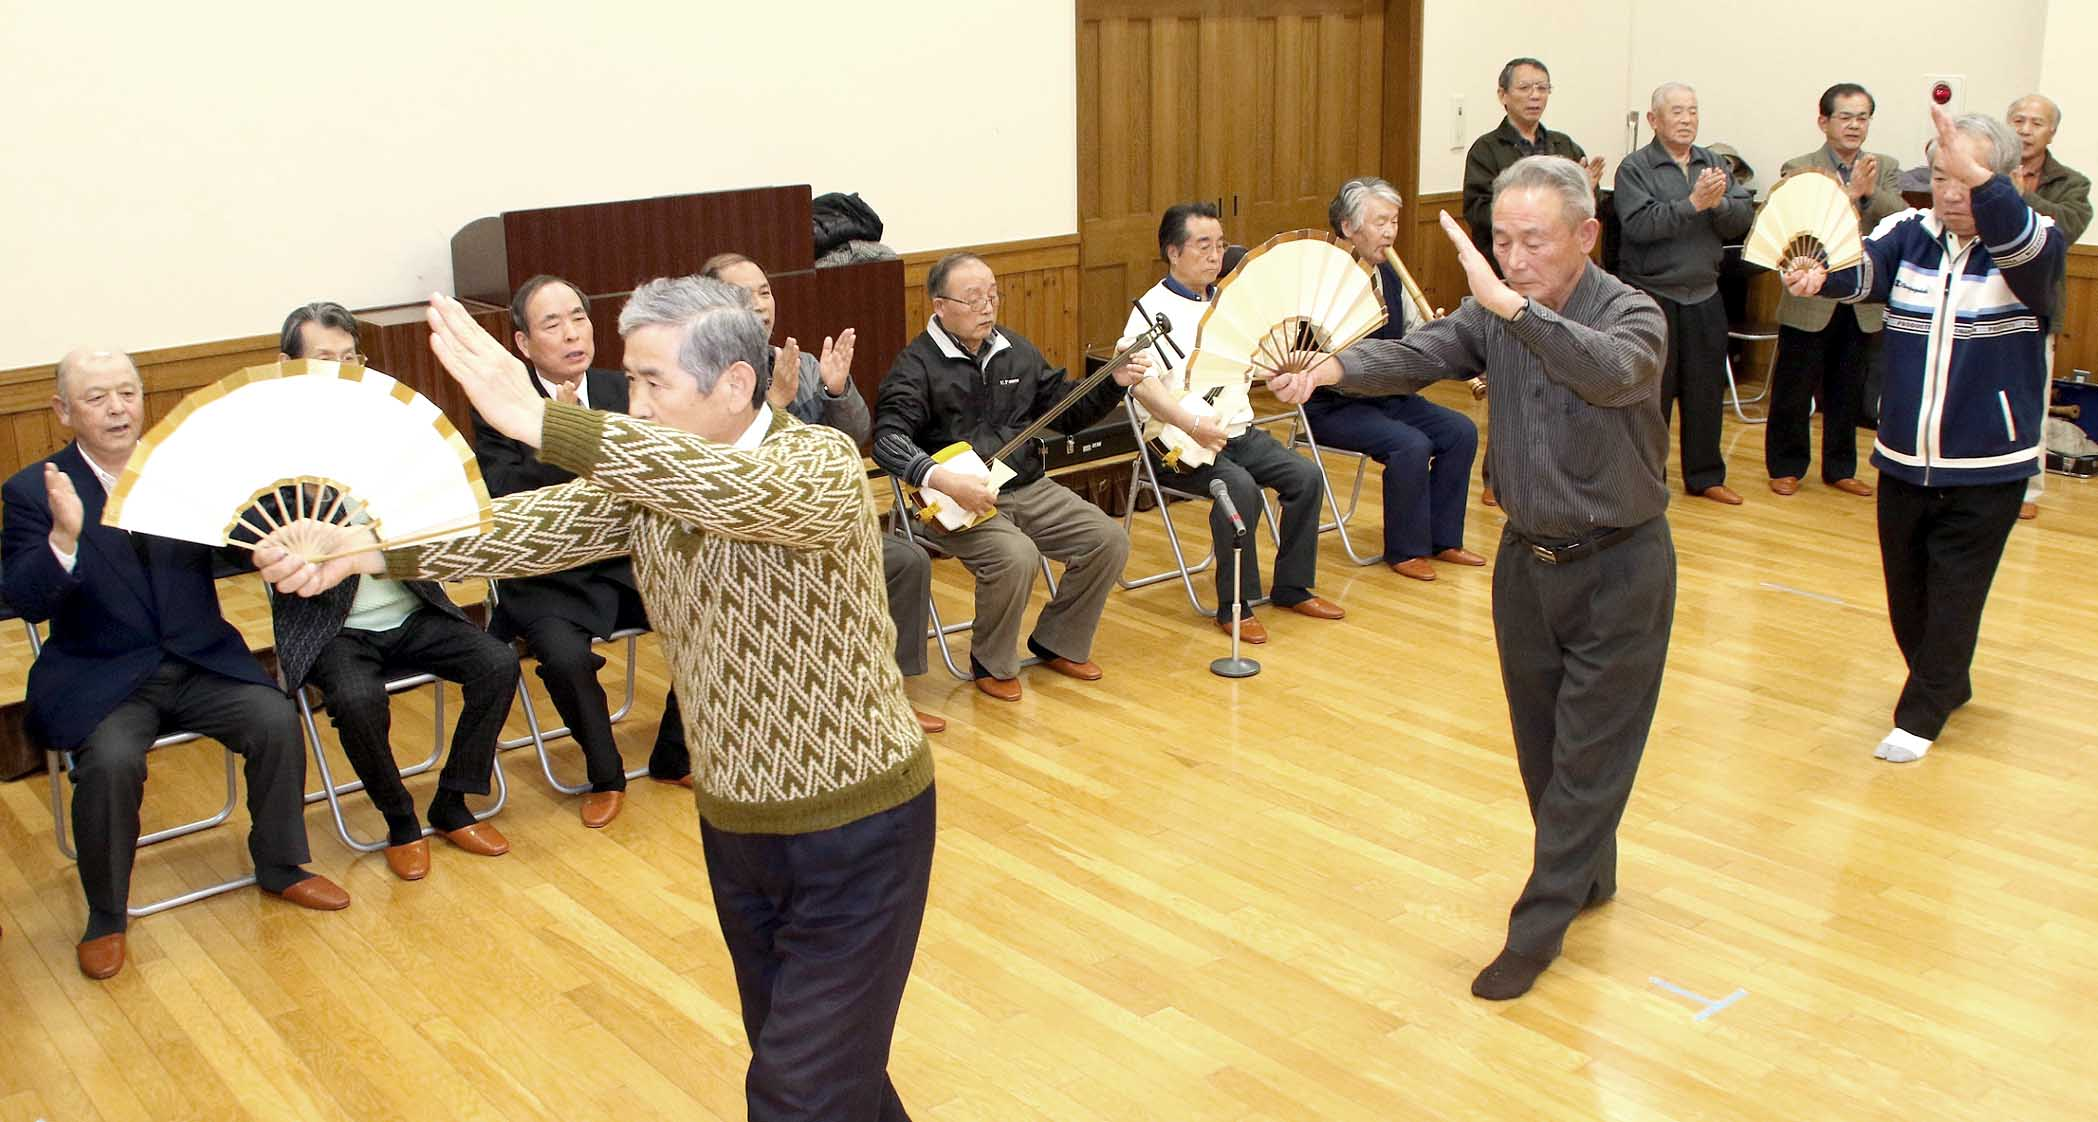 踊りや歌を確認する参加者=七尾市徳田公民館